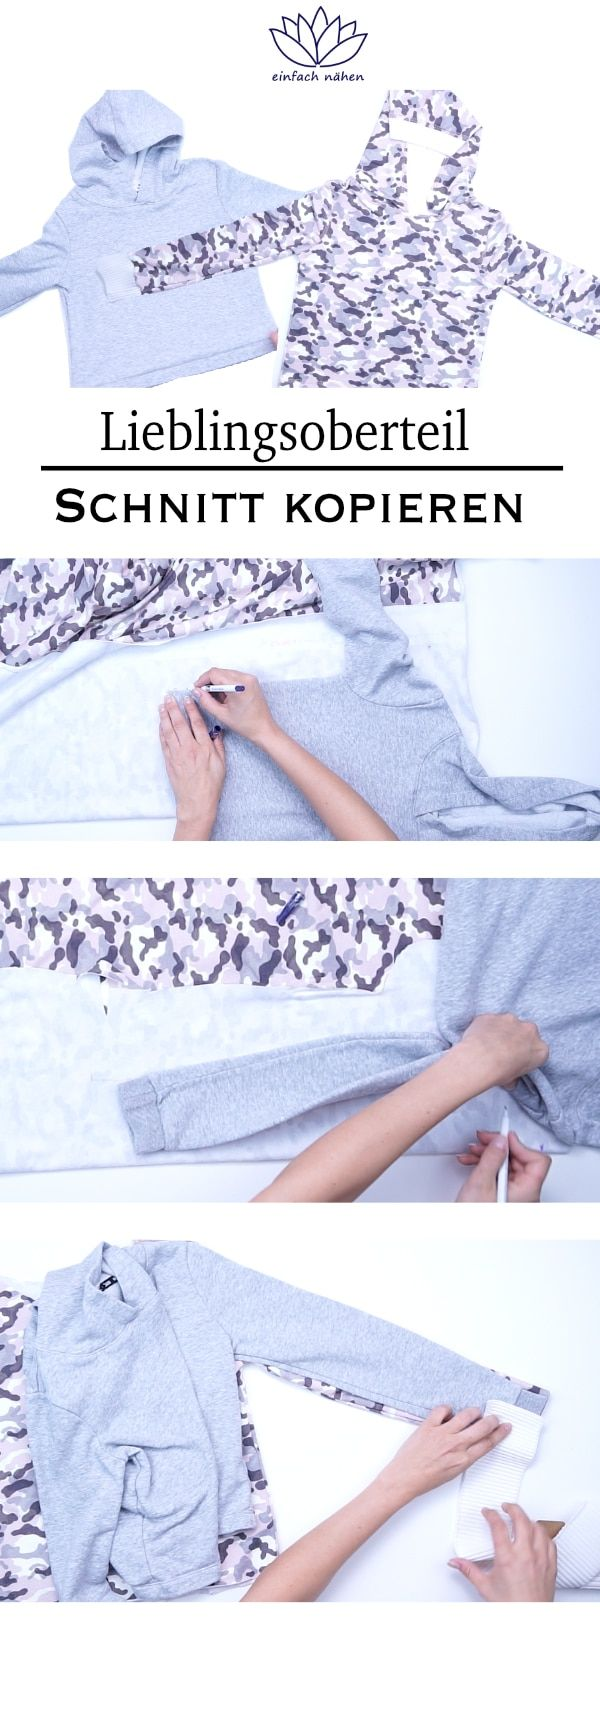 Photo of Lieblingsoberteil kopieren | einfach nähen – Tipps und Tricks rund ums Nähen